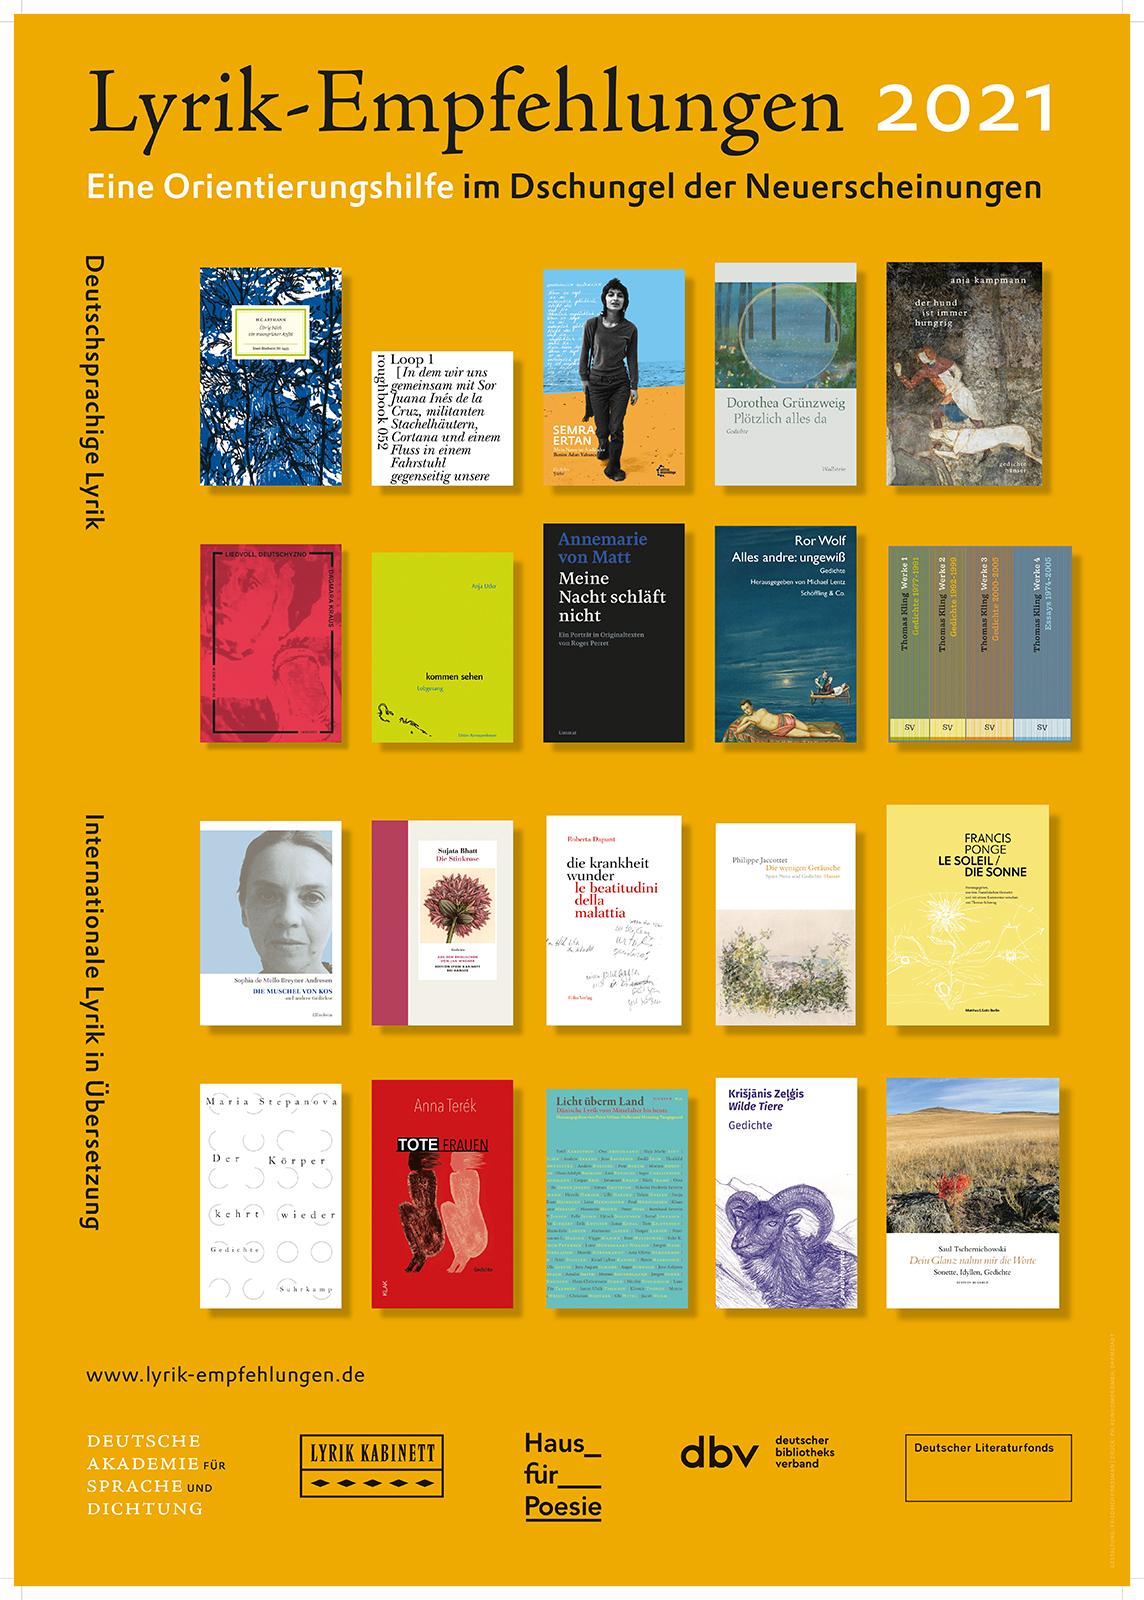 Plakat-Präsentation zum Welttag der Poesie